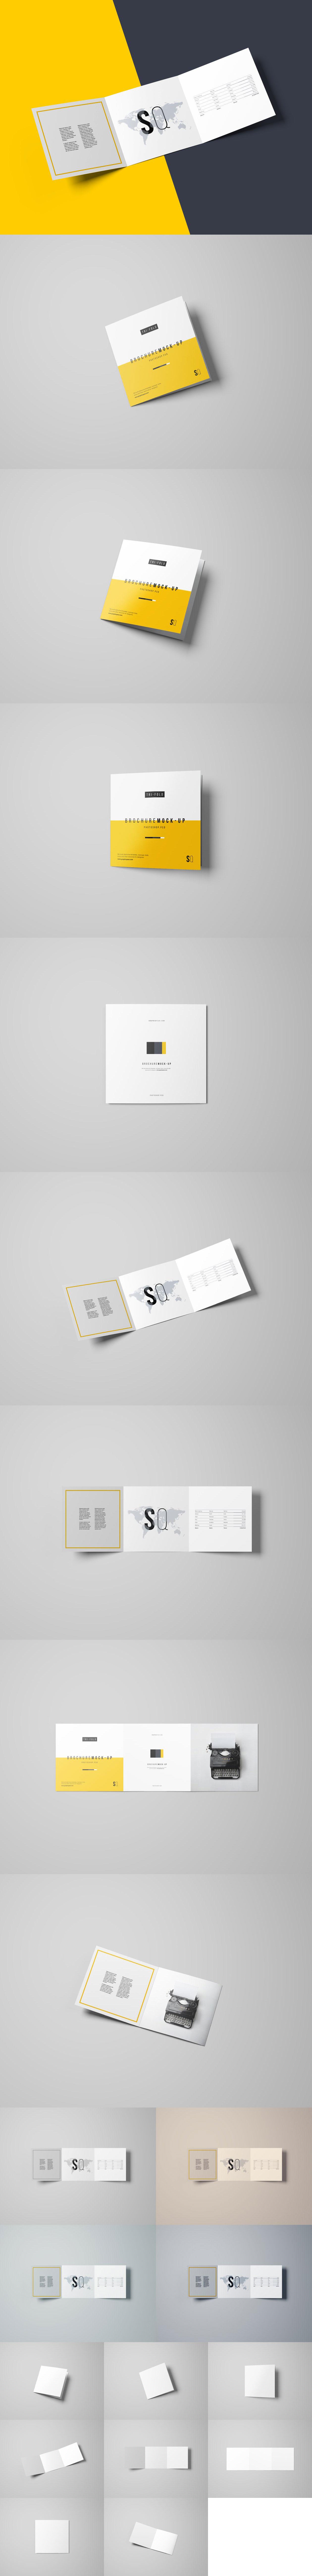 方形三折页册子展示模型(mockups)PSD下载设计素材模板